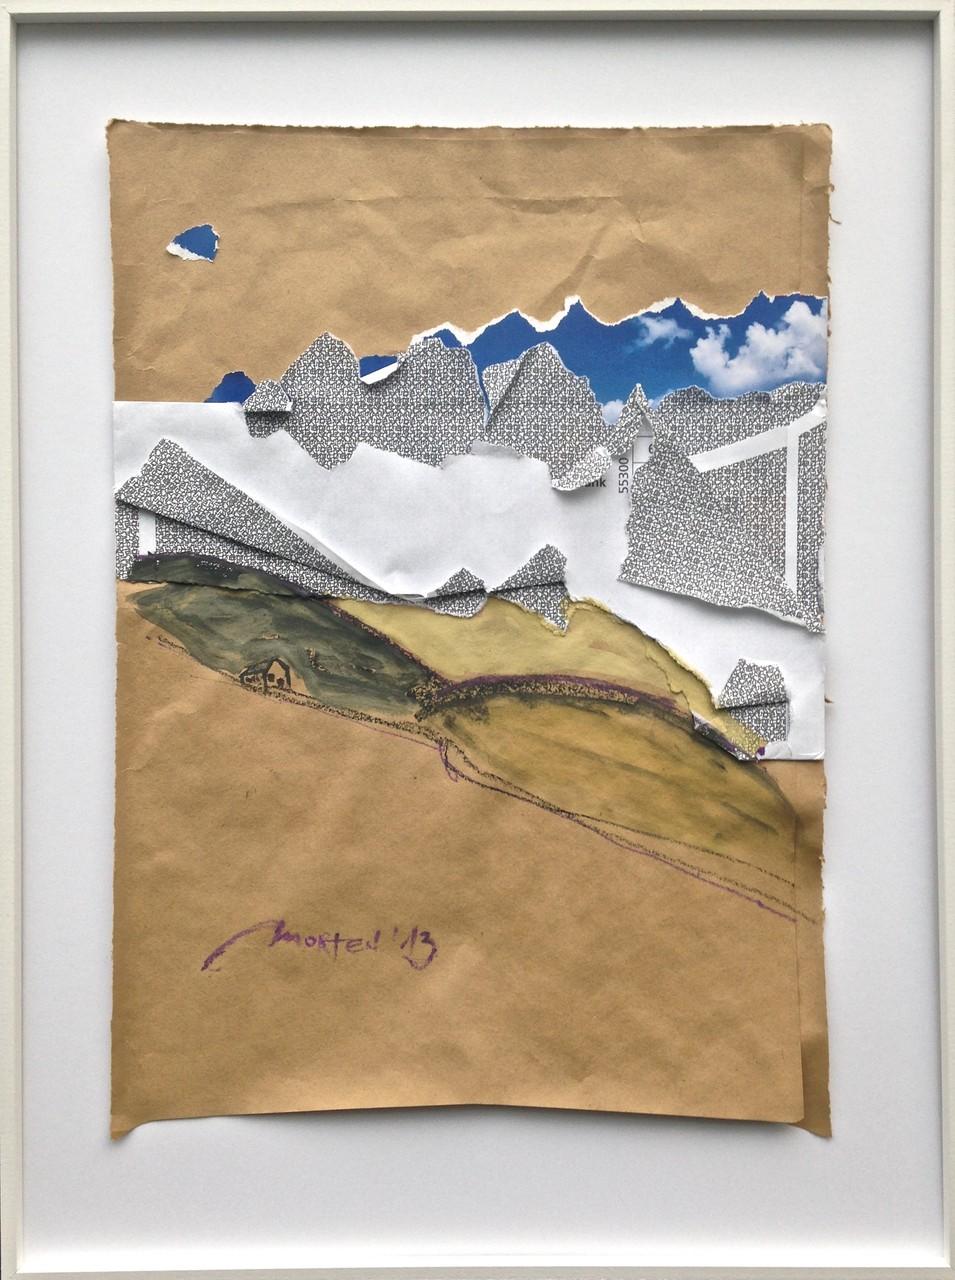 HAUS AM HANG, 2013, Johannes Morten, 21 x 29,7 cm, Acryl, Graphit, Papier und Druck auf Umschlag